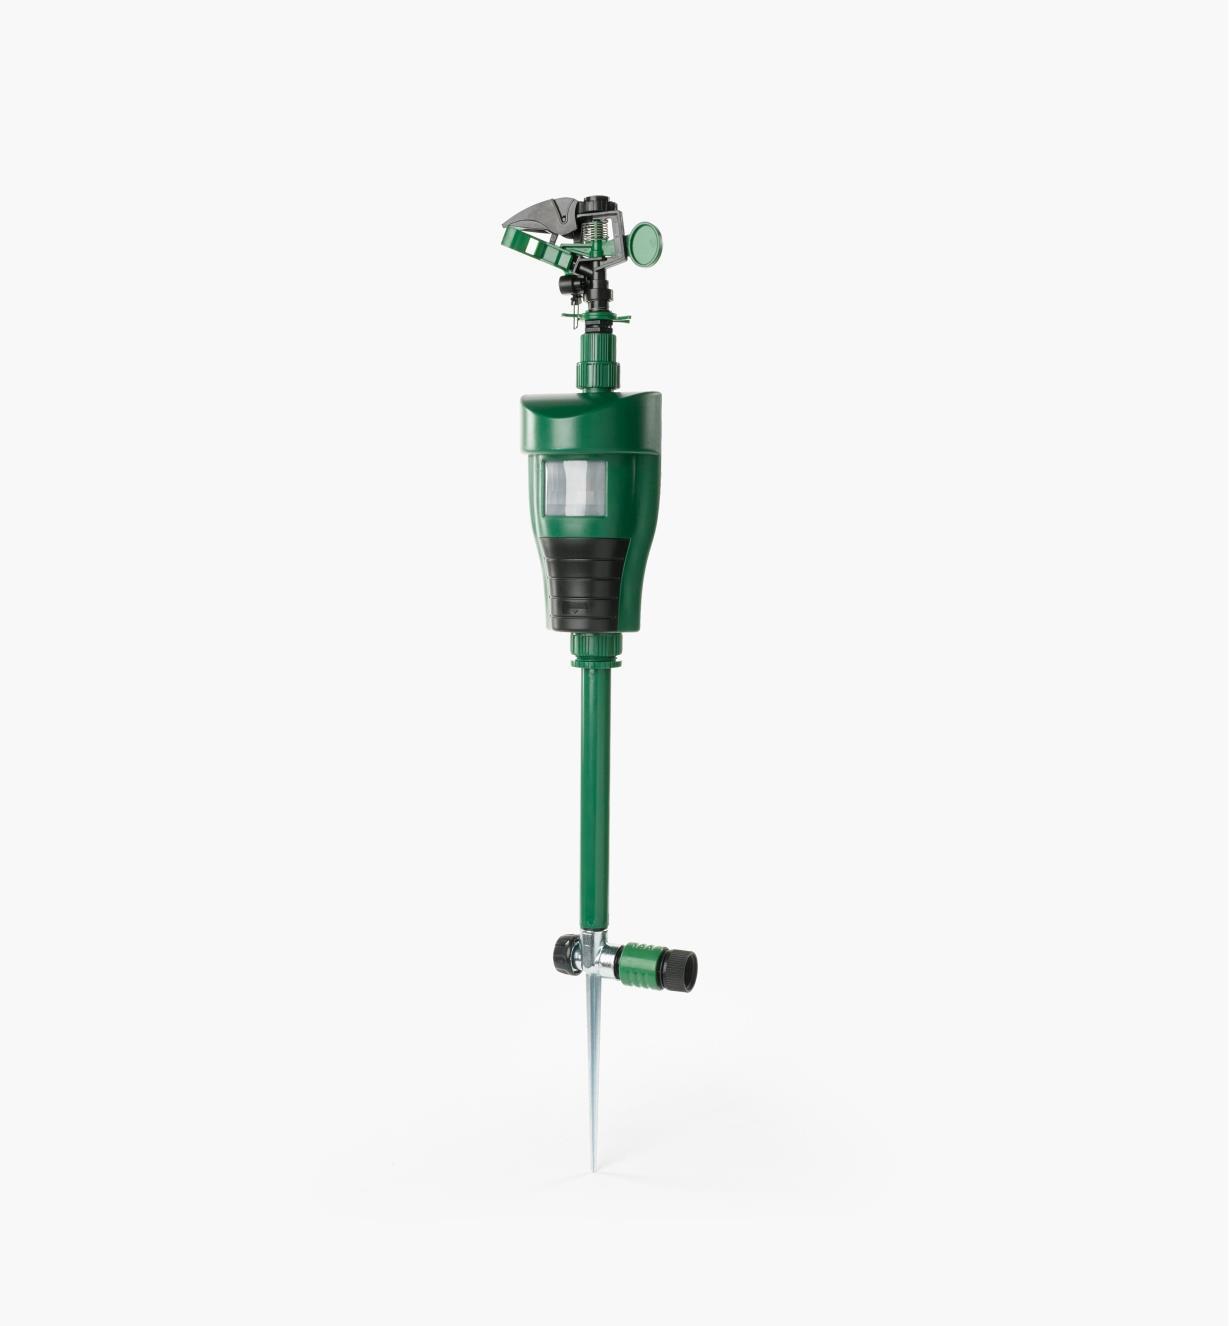 AT611 - Pest-Deterring Jet Sprayer